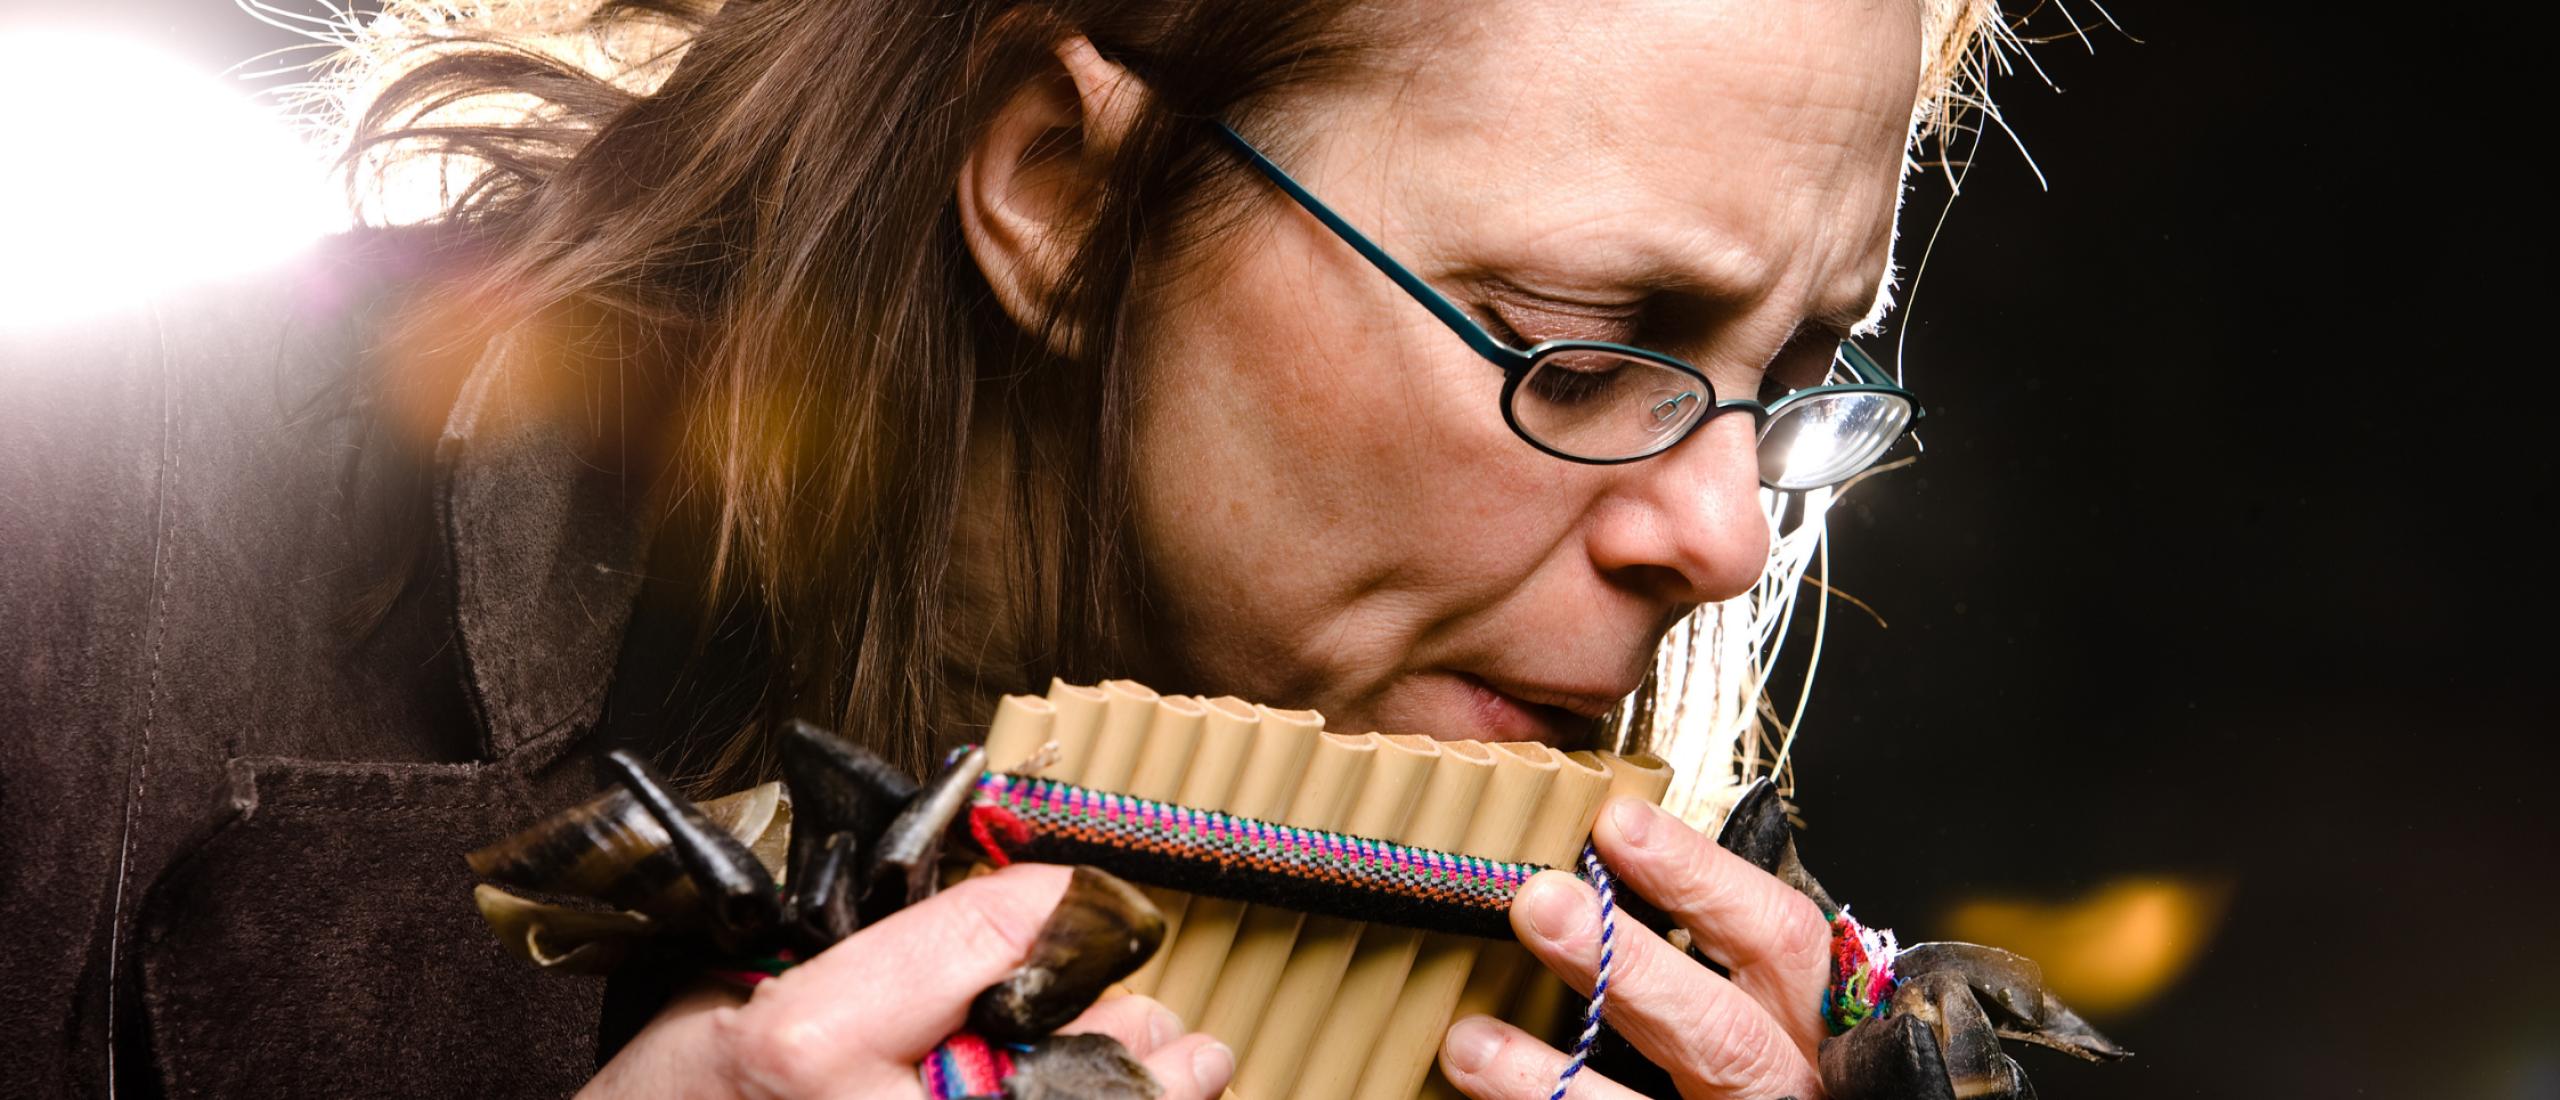 Panfluitmuziek bij het afscheid nemen: hoe geliefd is deze keuze?